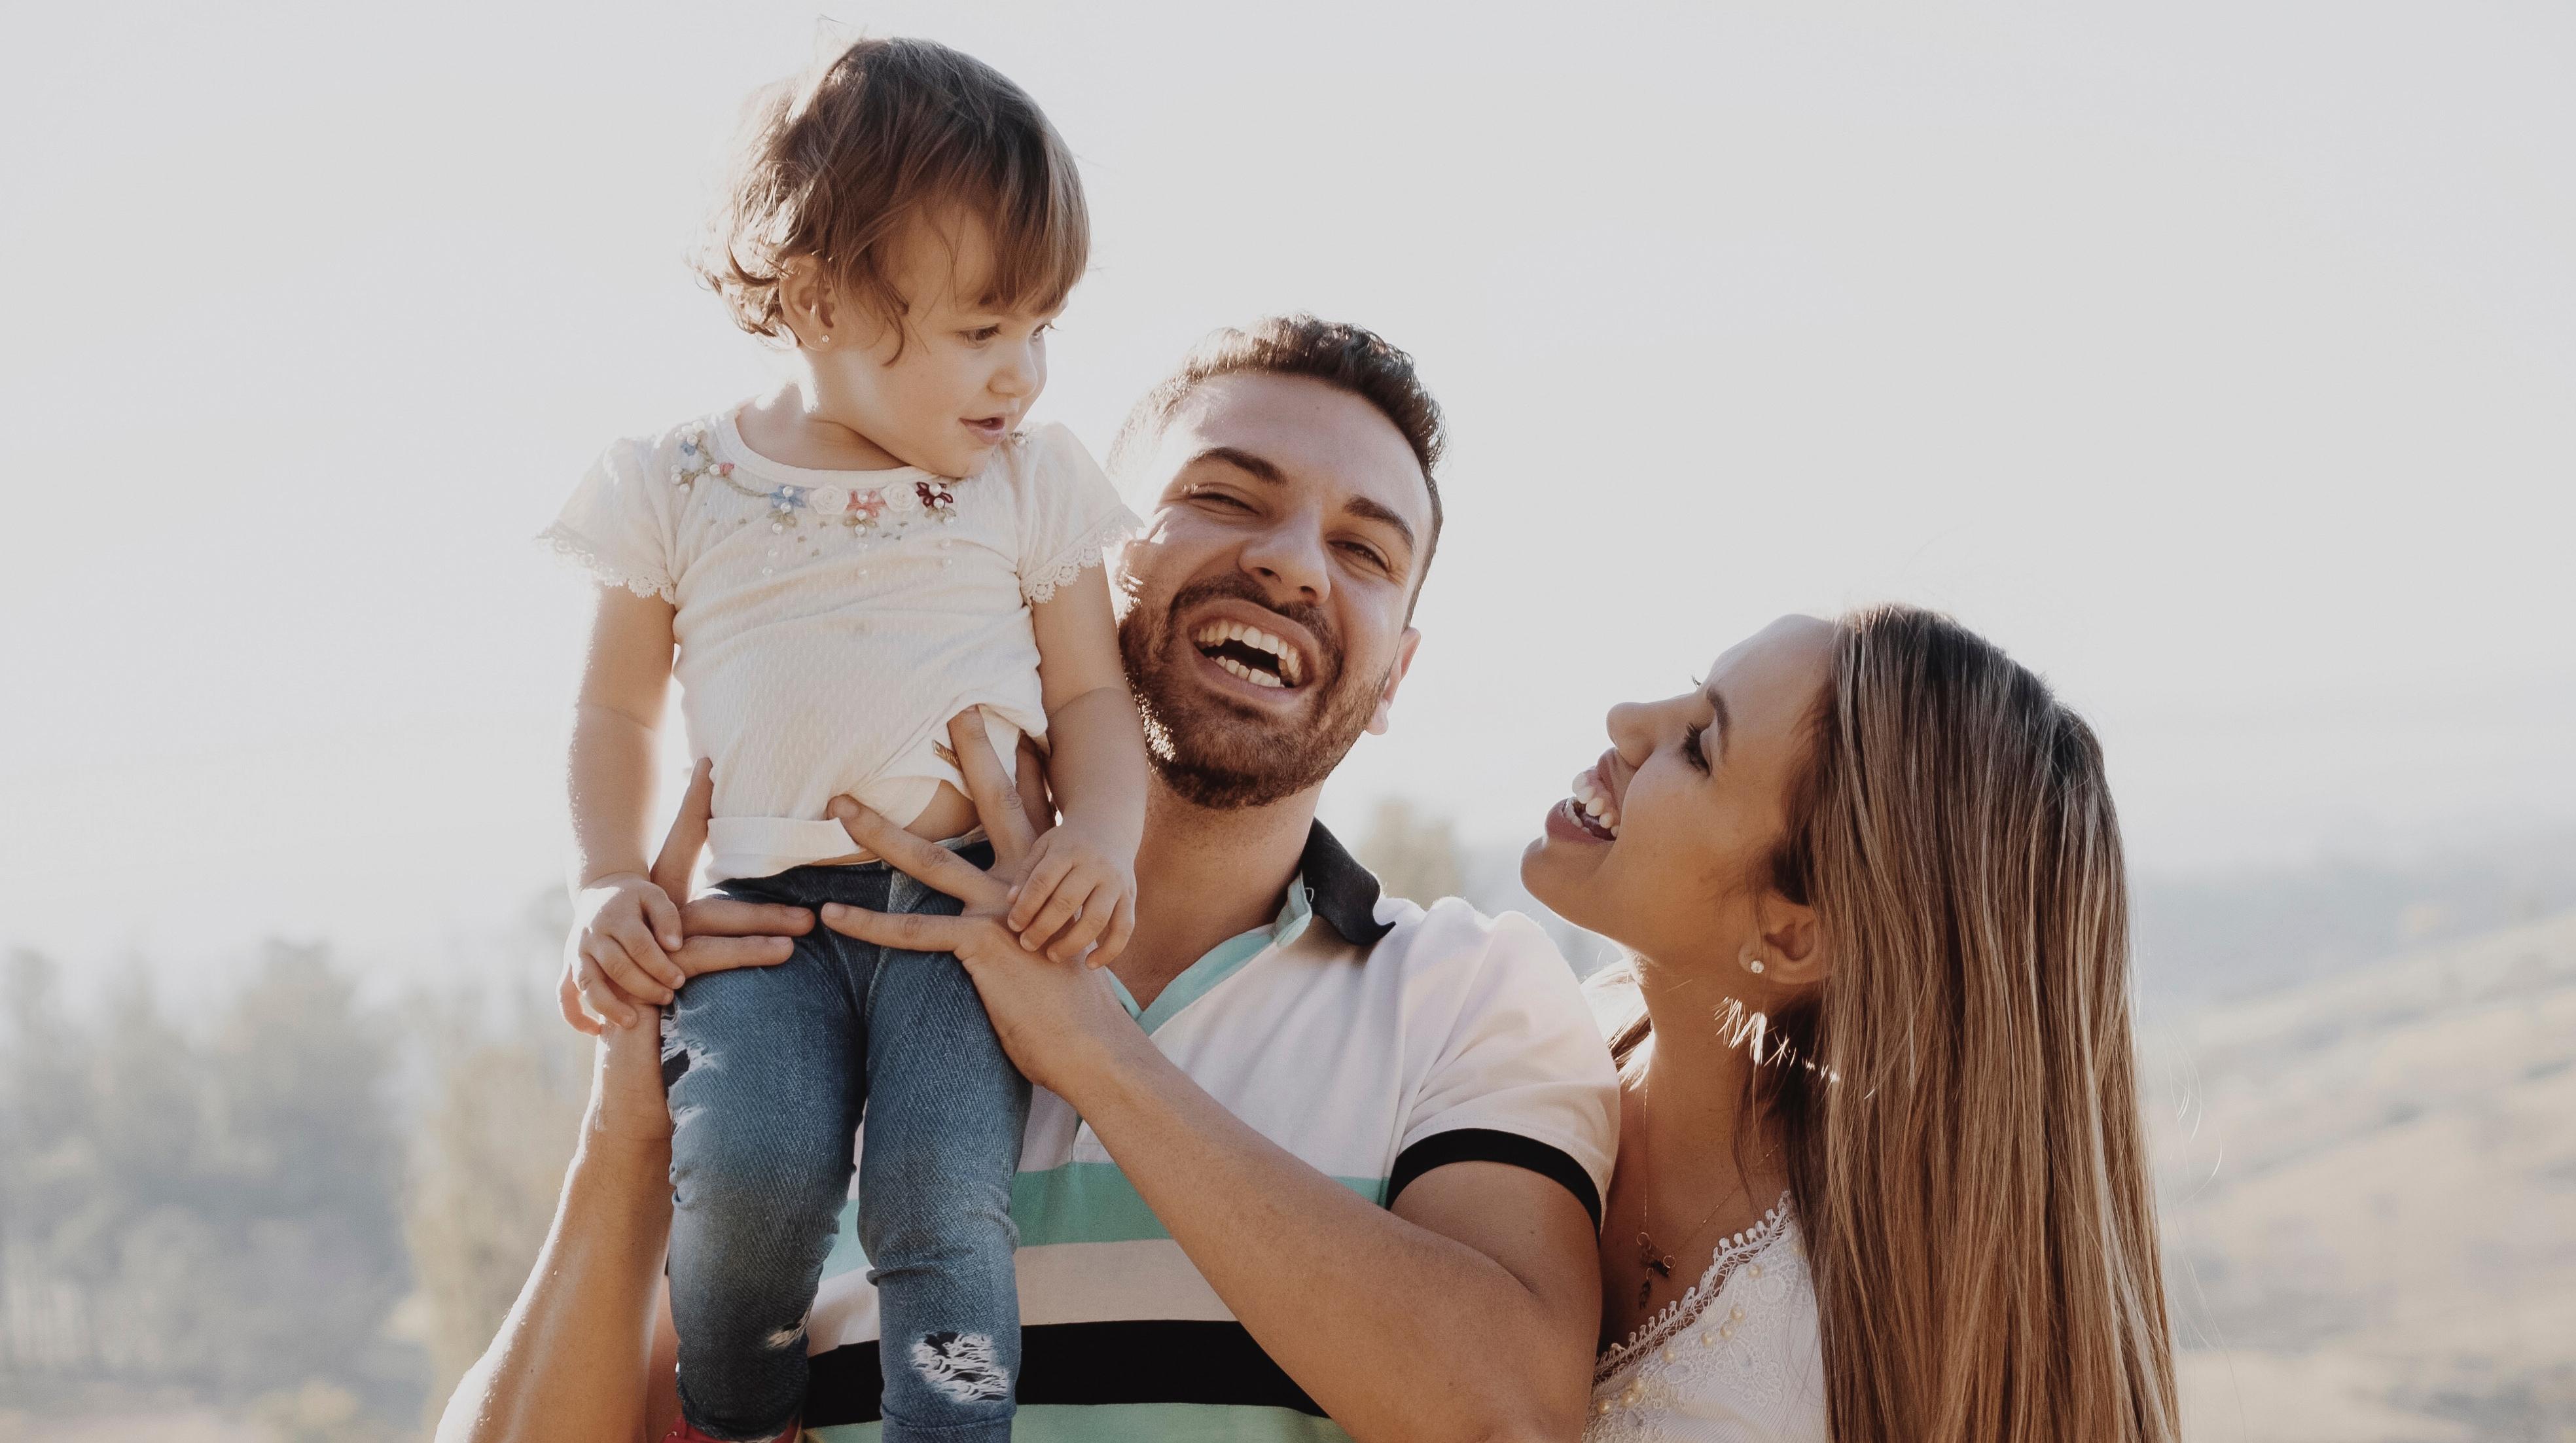 Nebenjob während der Elternzeit